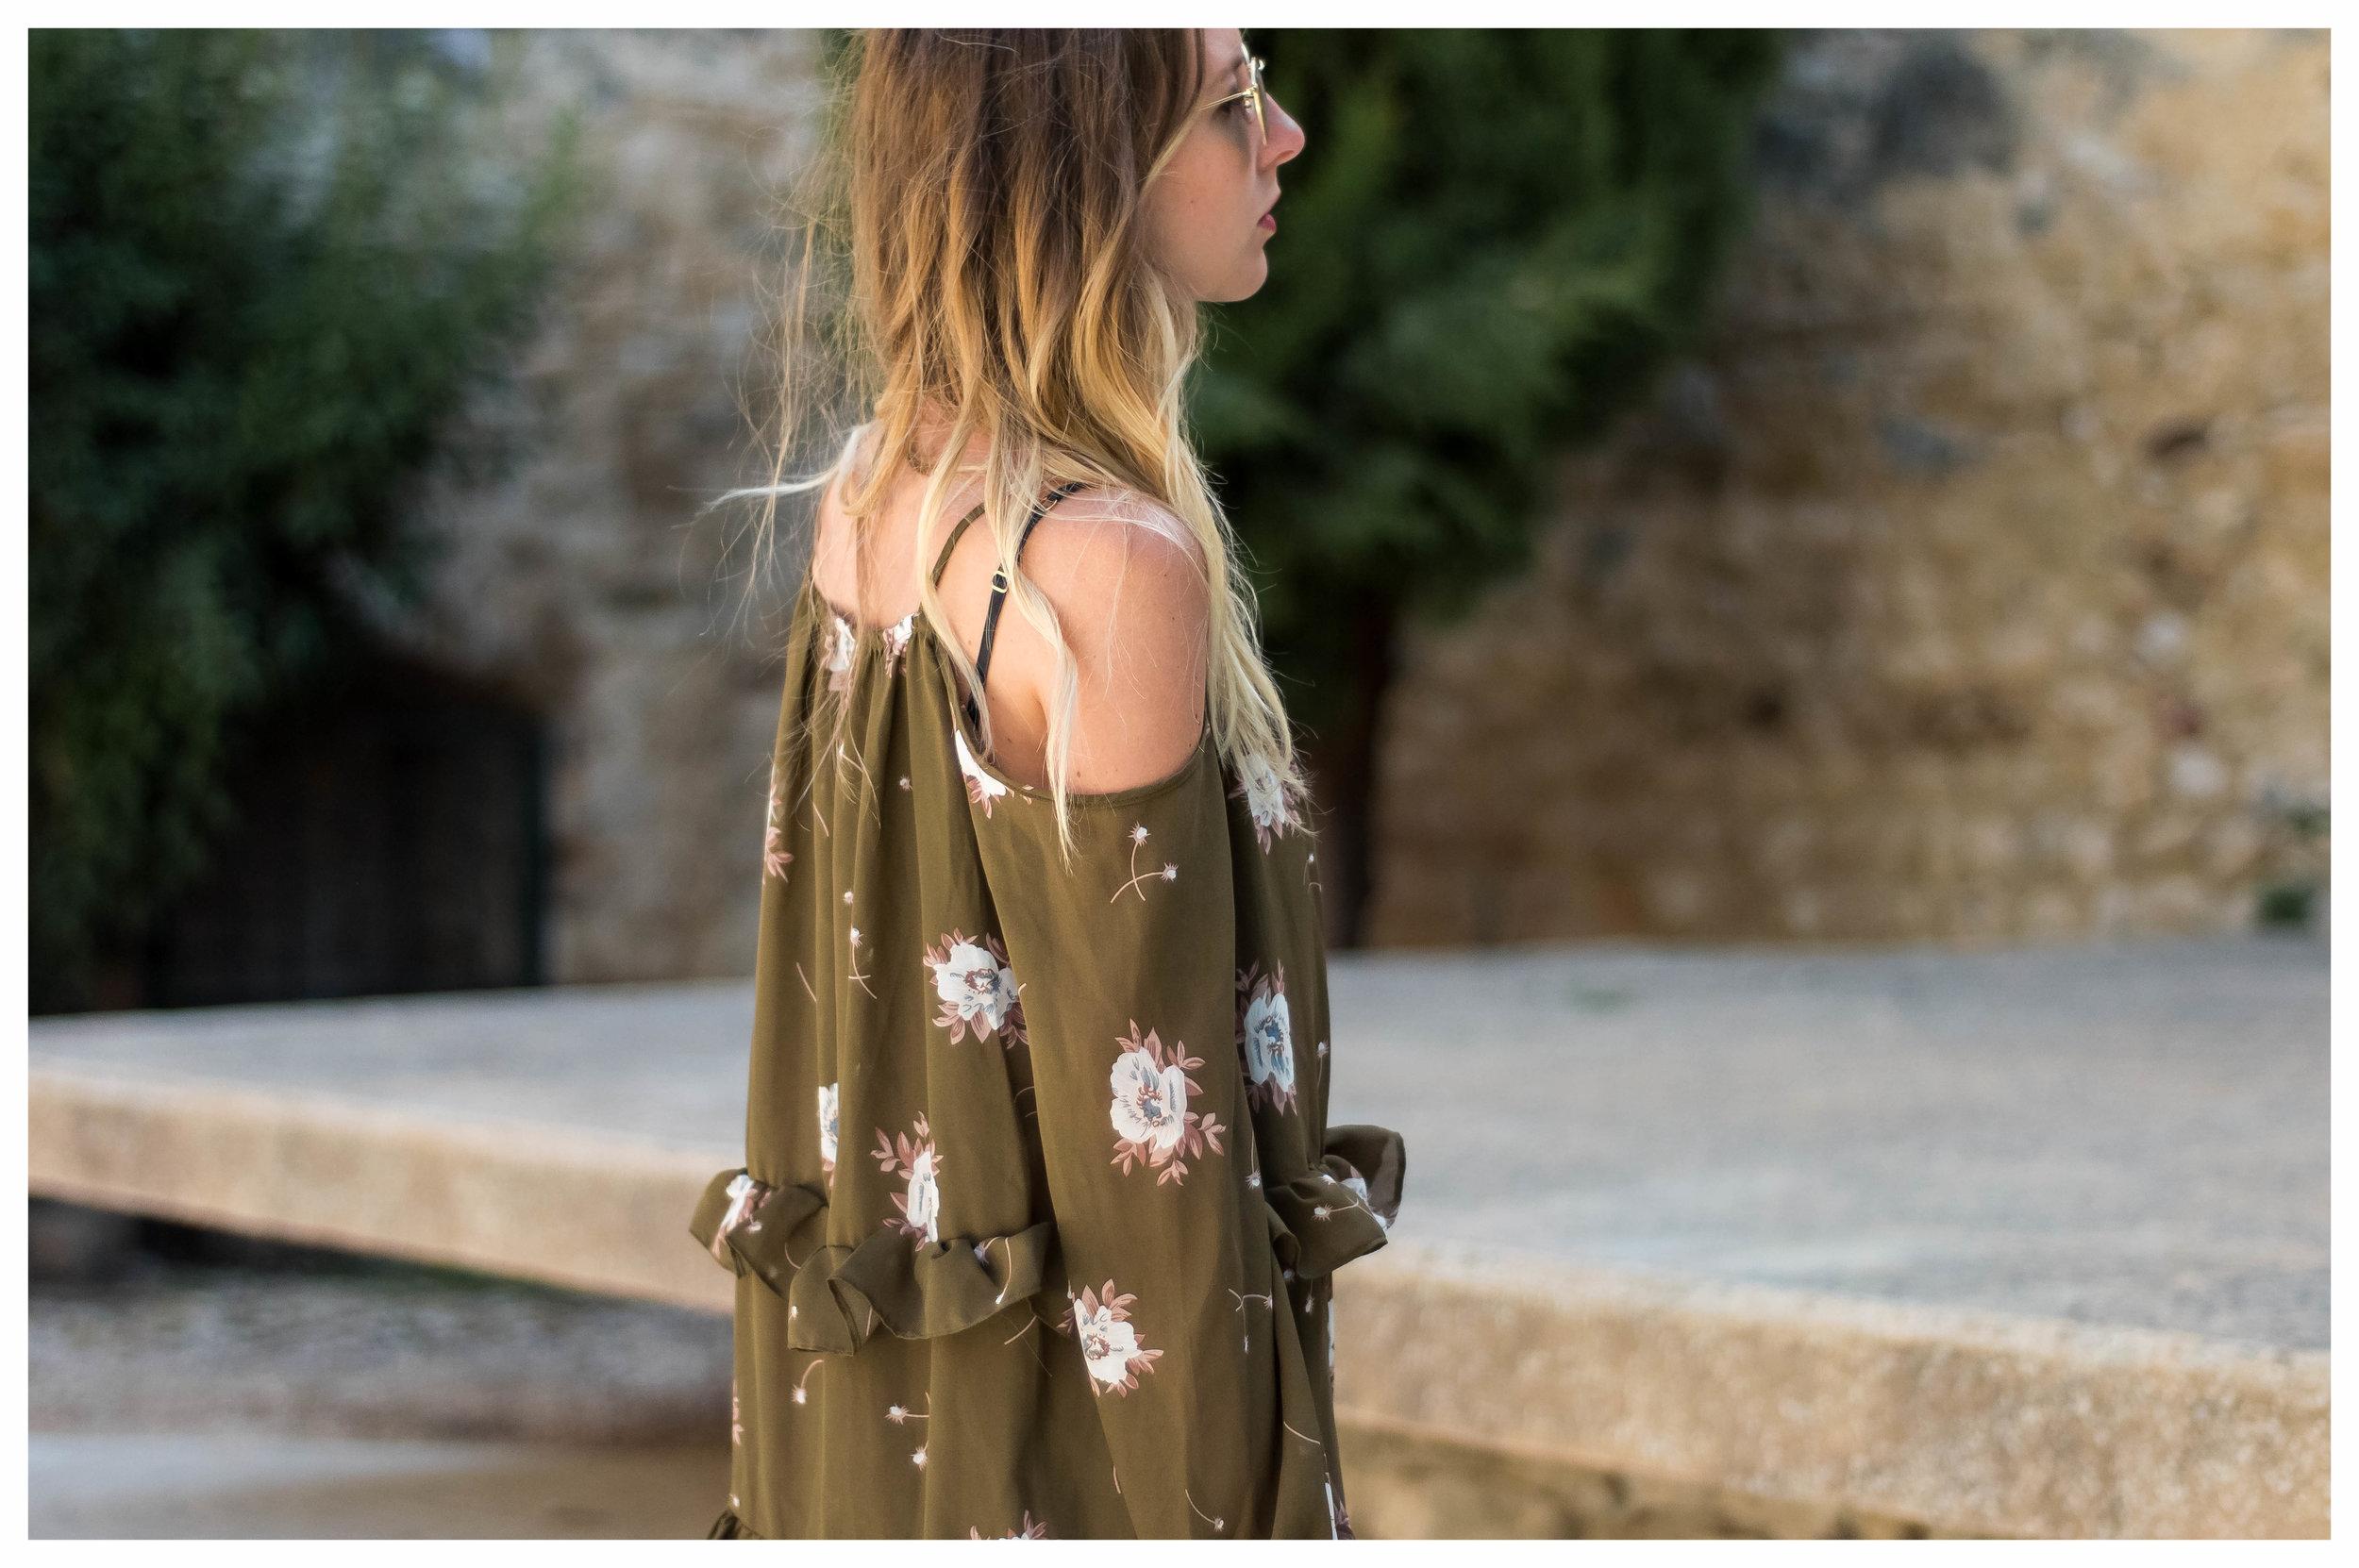 Cornillon Dress June - OSIARAH.COM (3 of 14).jpg